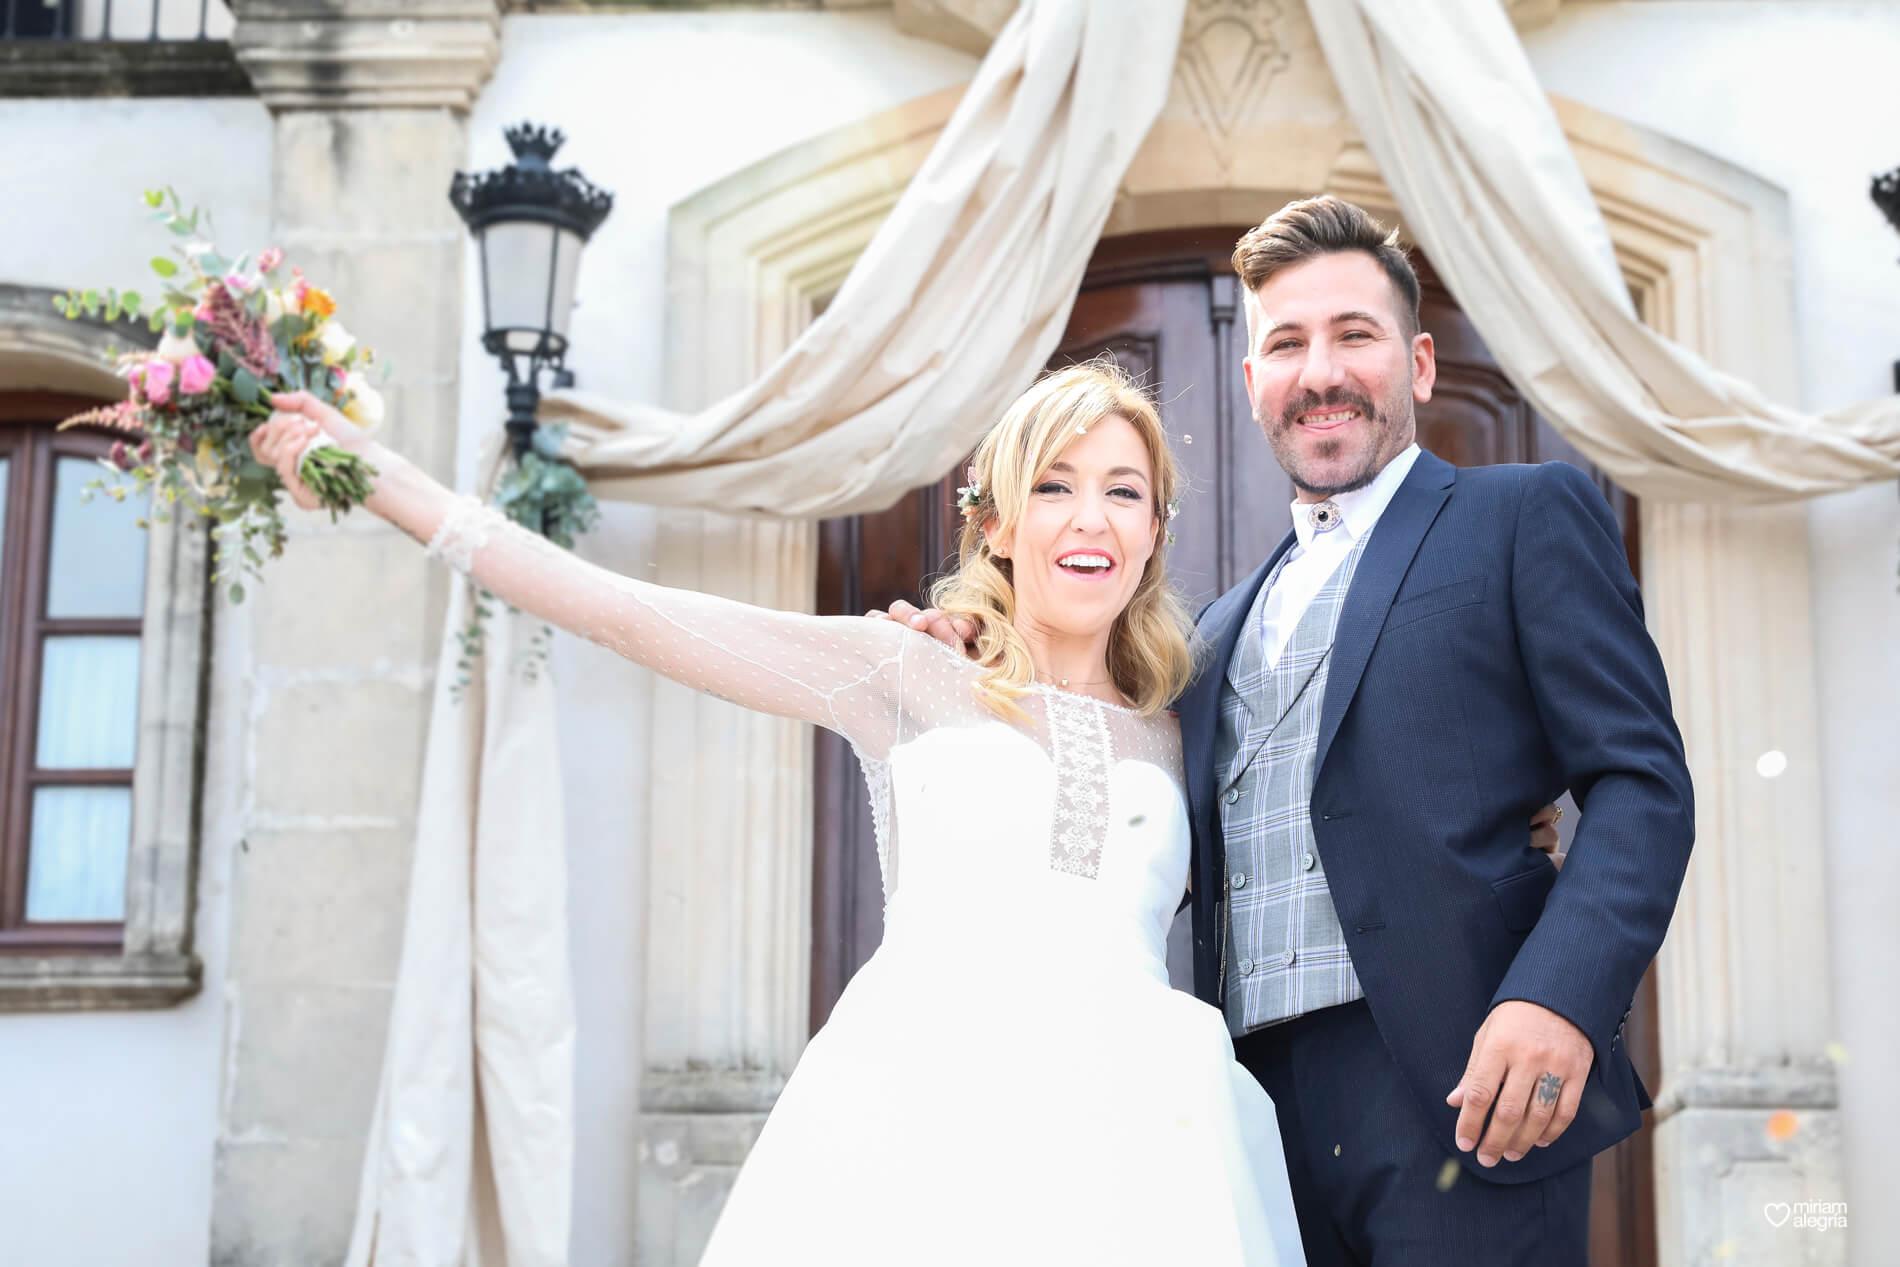 boda-en-finca-villa-vera-de-alemc7-miriam-alegria-fotografos-boda-murcia-90